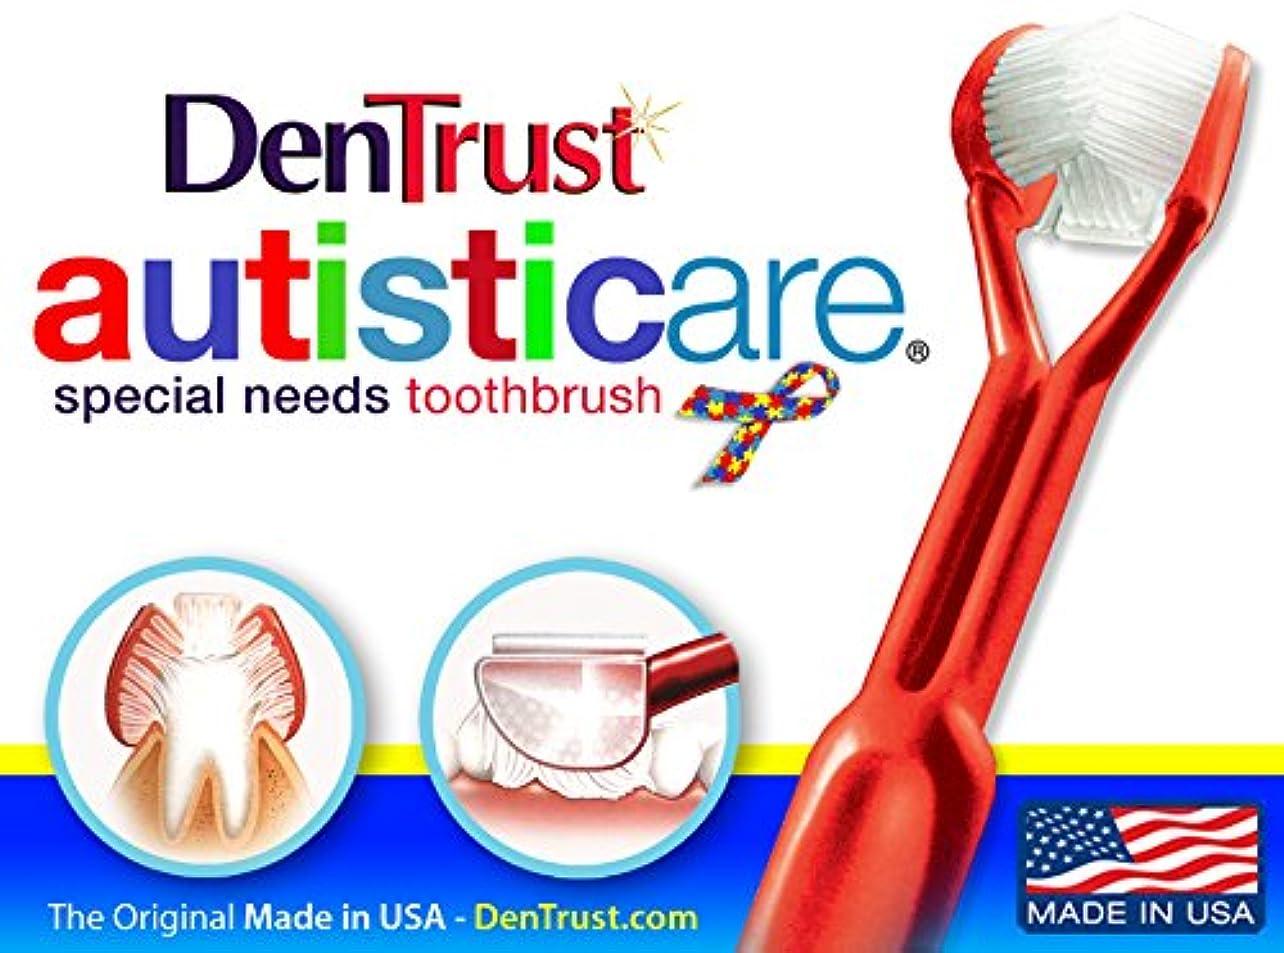 ハチウナギパシフィック子供?介護用に便利な3面歯ブラシ/DenTrust 3-Sided Toothbrush :: Specialty Toothbrush